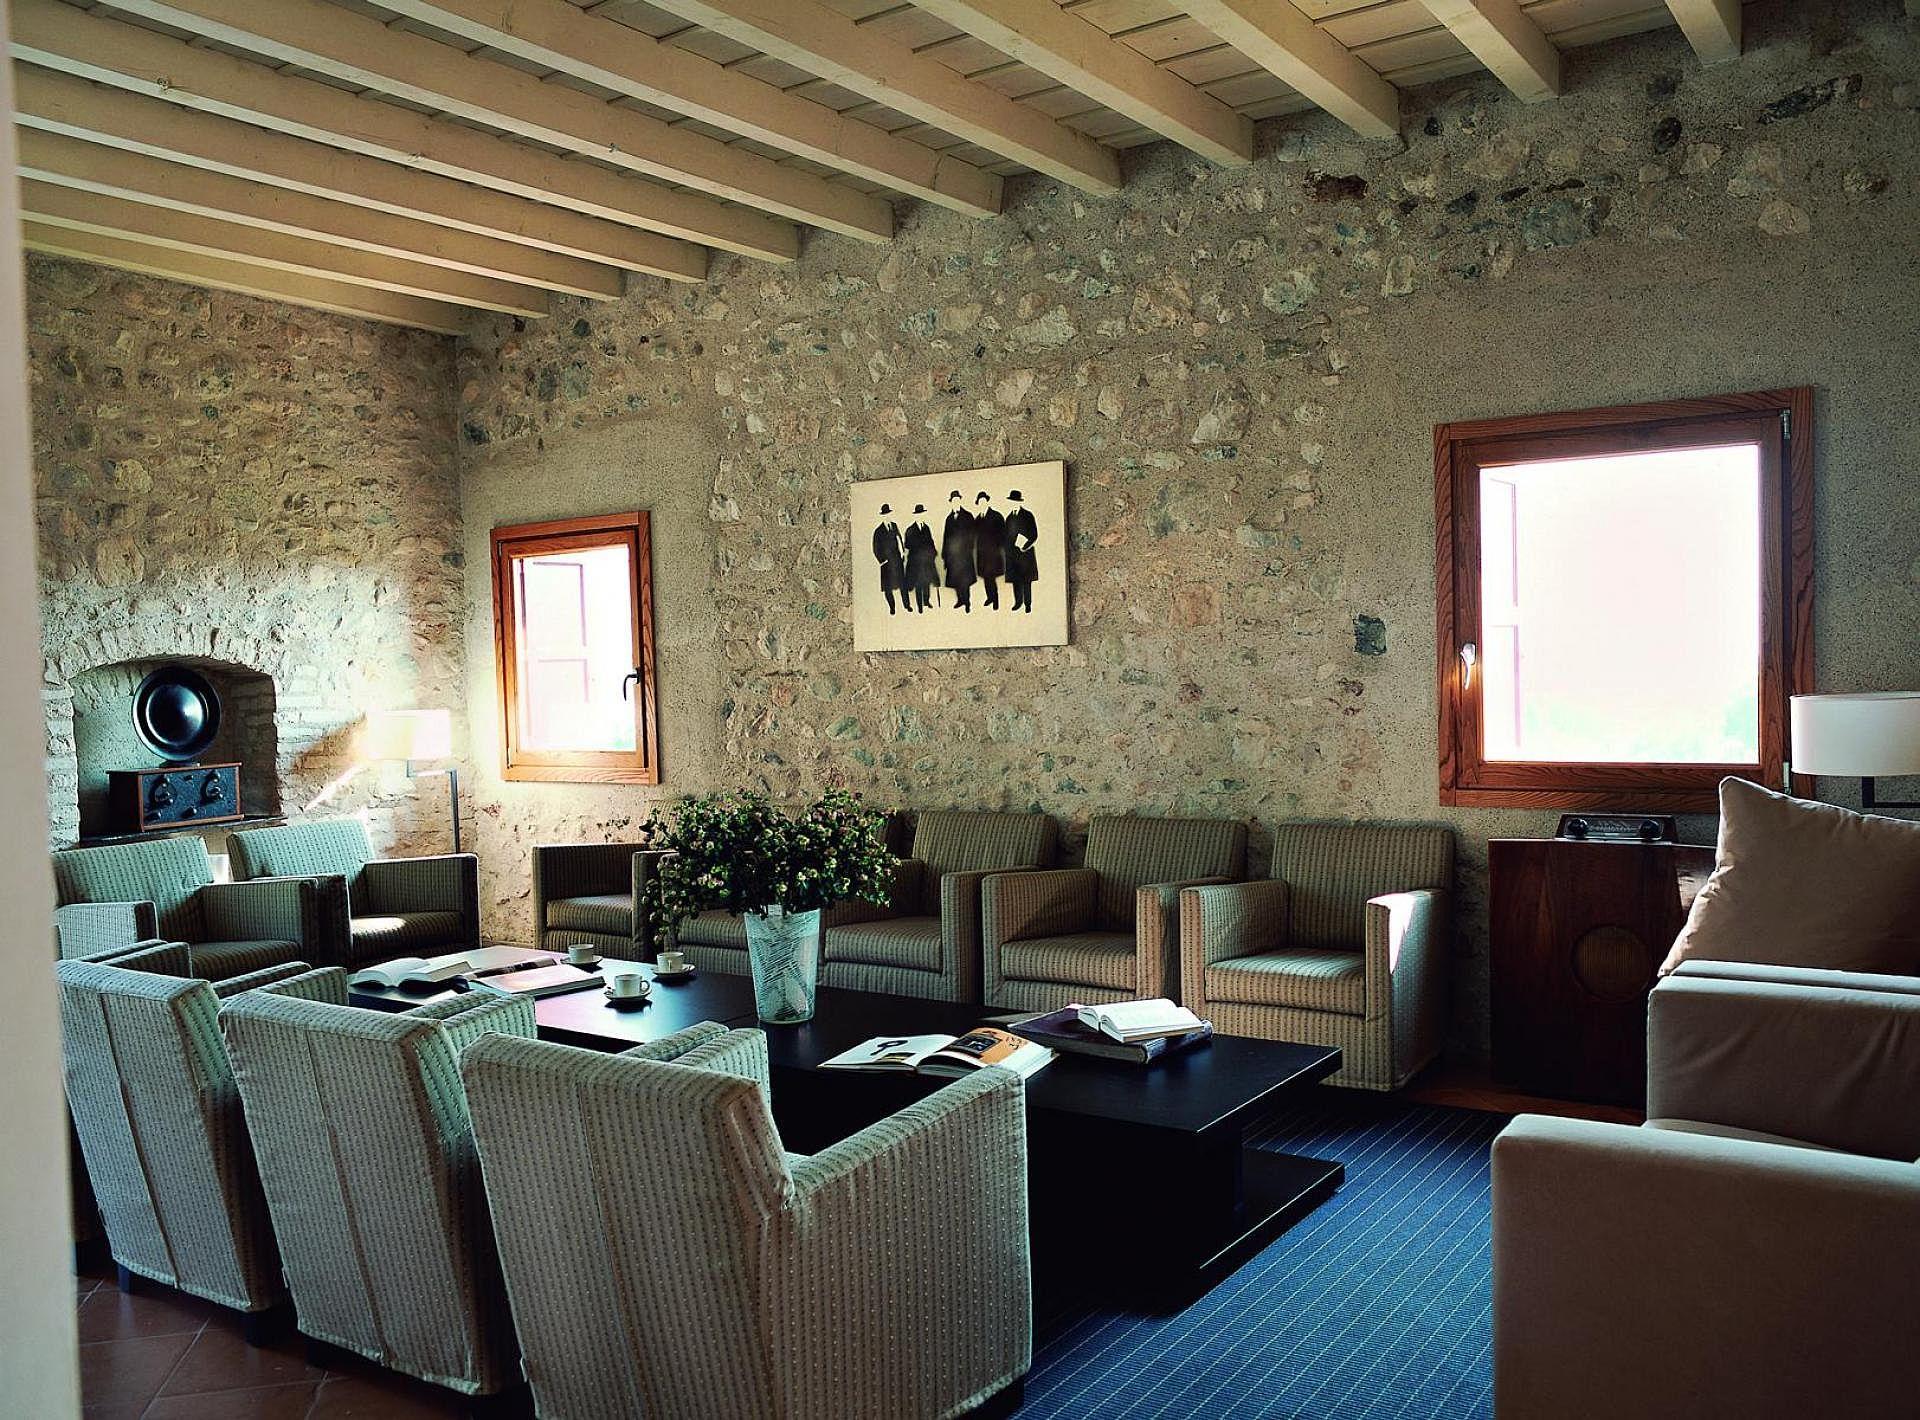 villa arcadio gardasee online zum bestpreis buchen domicillio. Black Bedroom Furniture Sets. Home Design Ideas